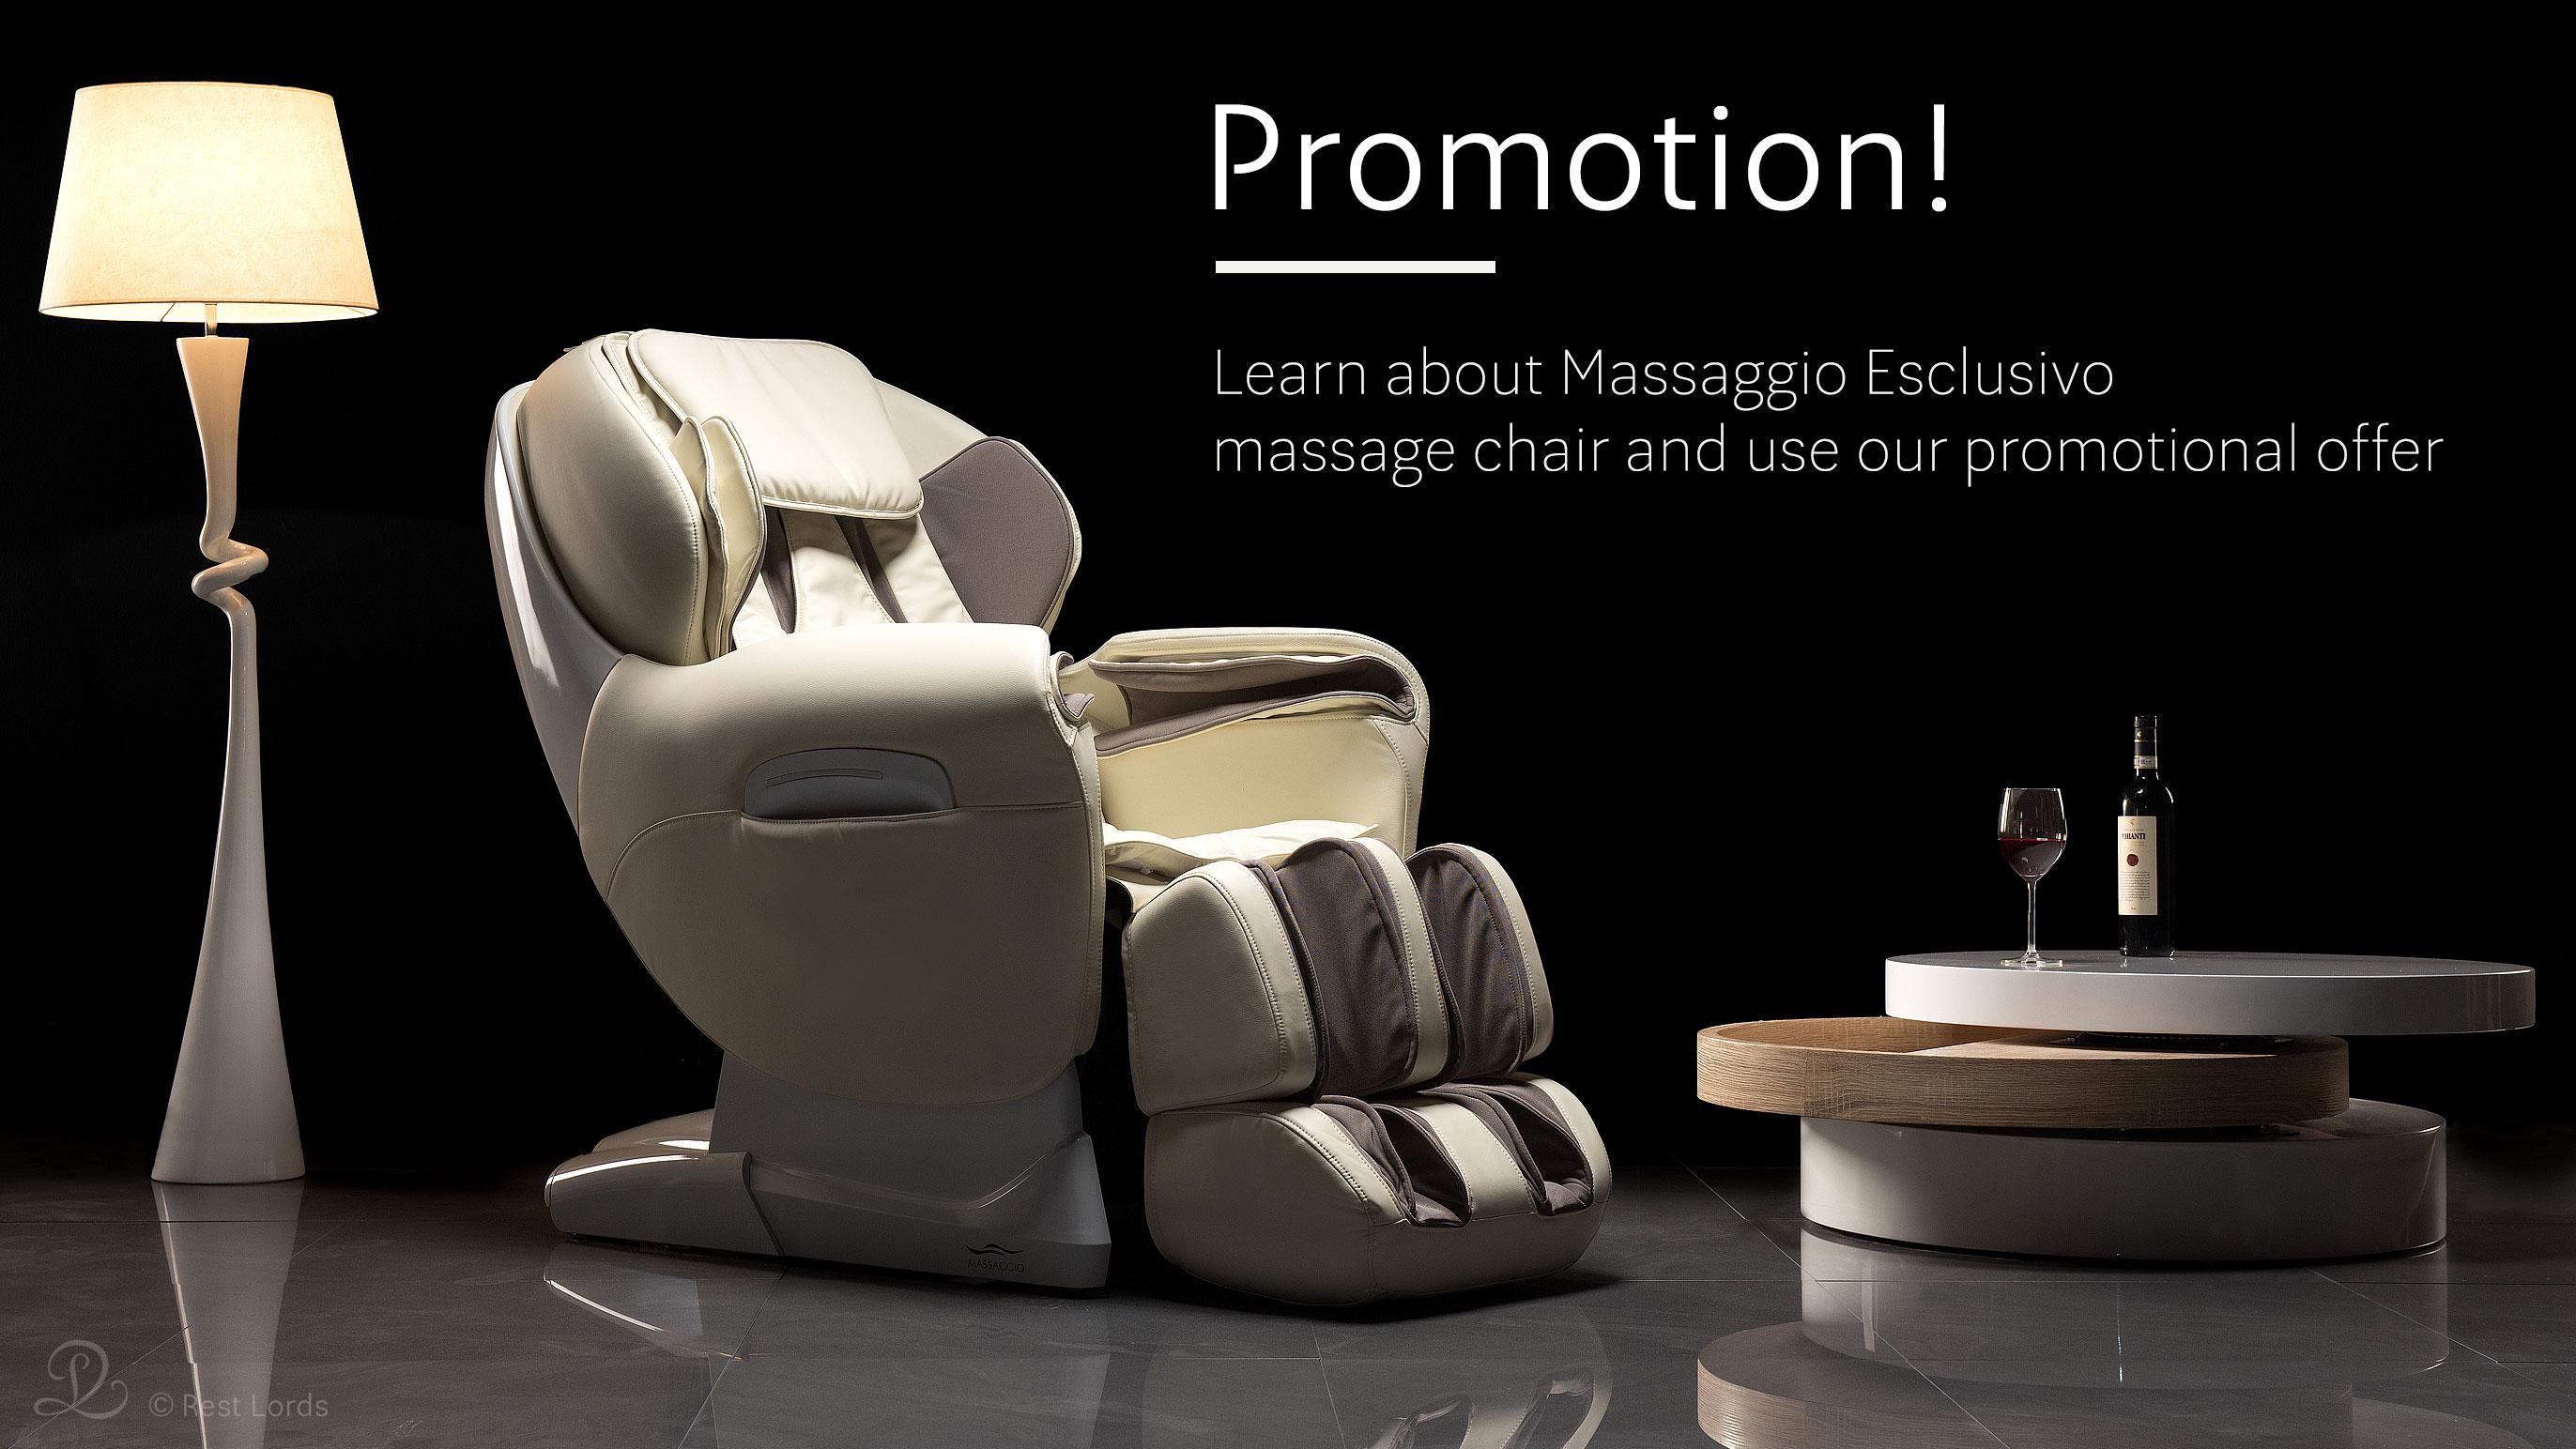 Massage chair Massaggio Esclusivo on sale promotion